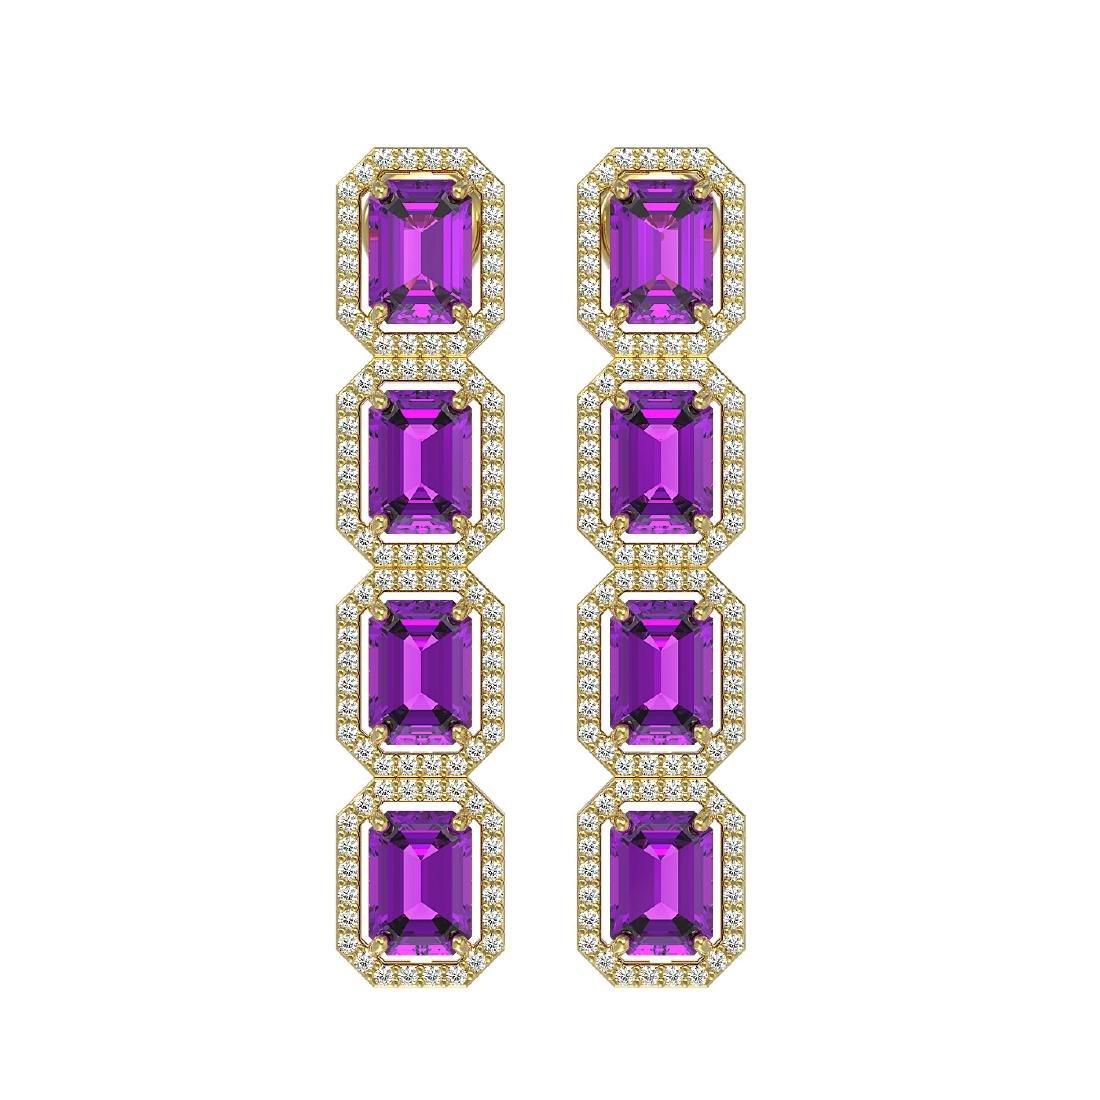 10.73 CTW Amethyst & Diamond Halo Earrings 10K Yellow